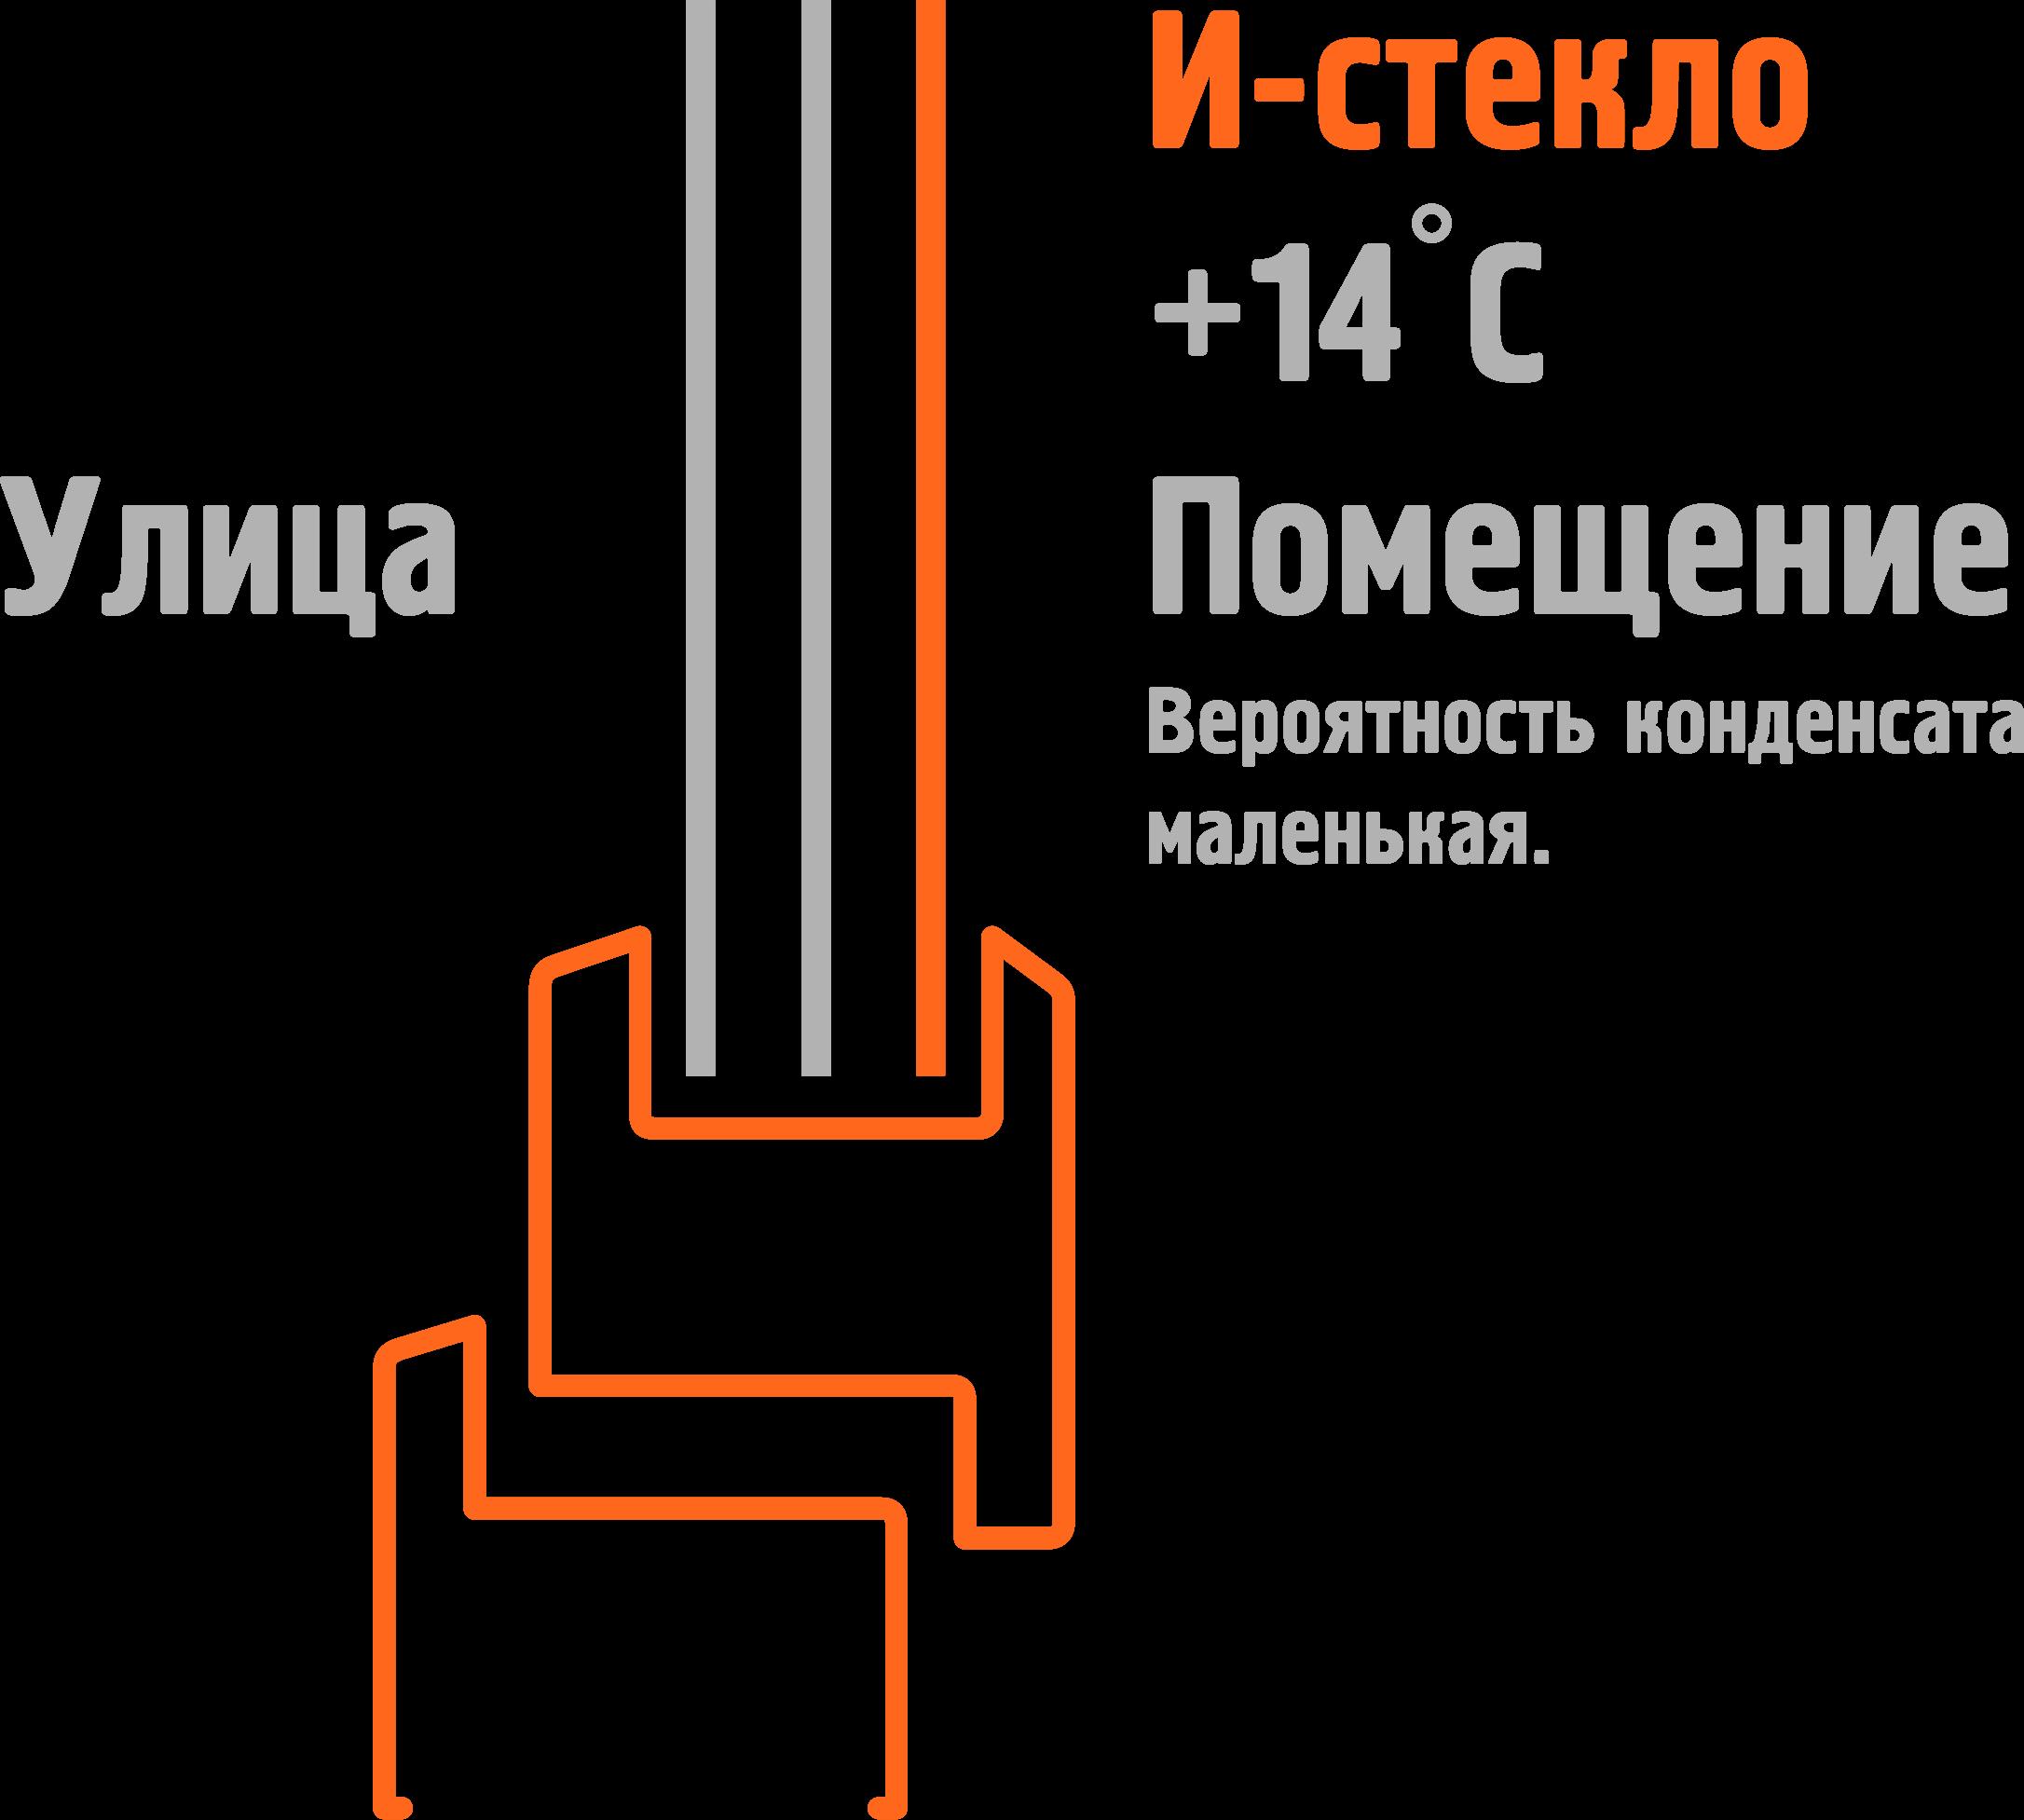 энергосберегающий пакет температура в помещении +14